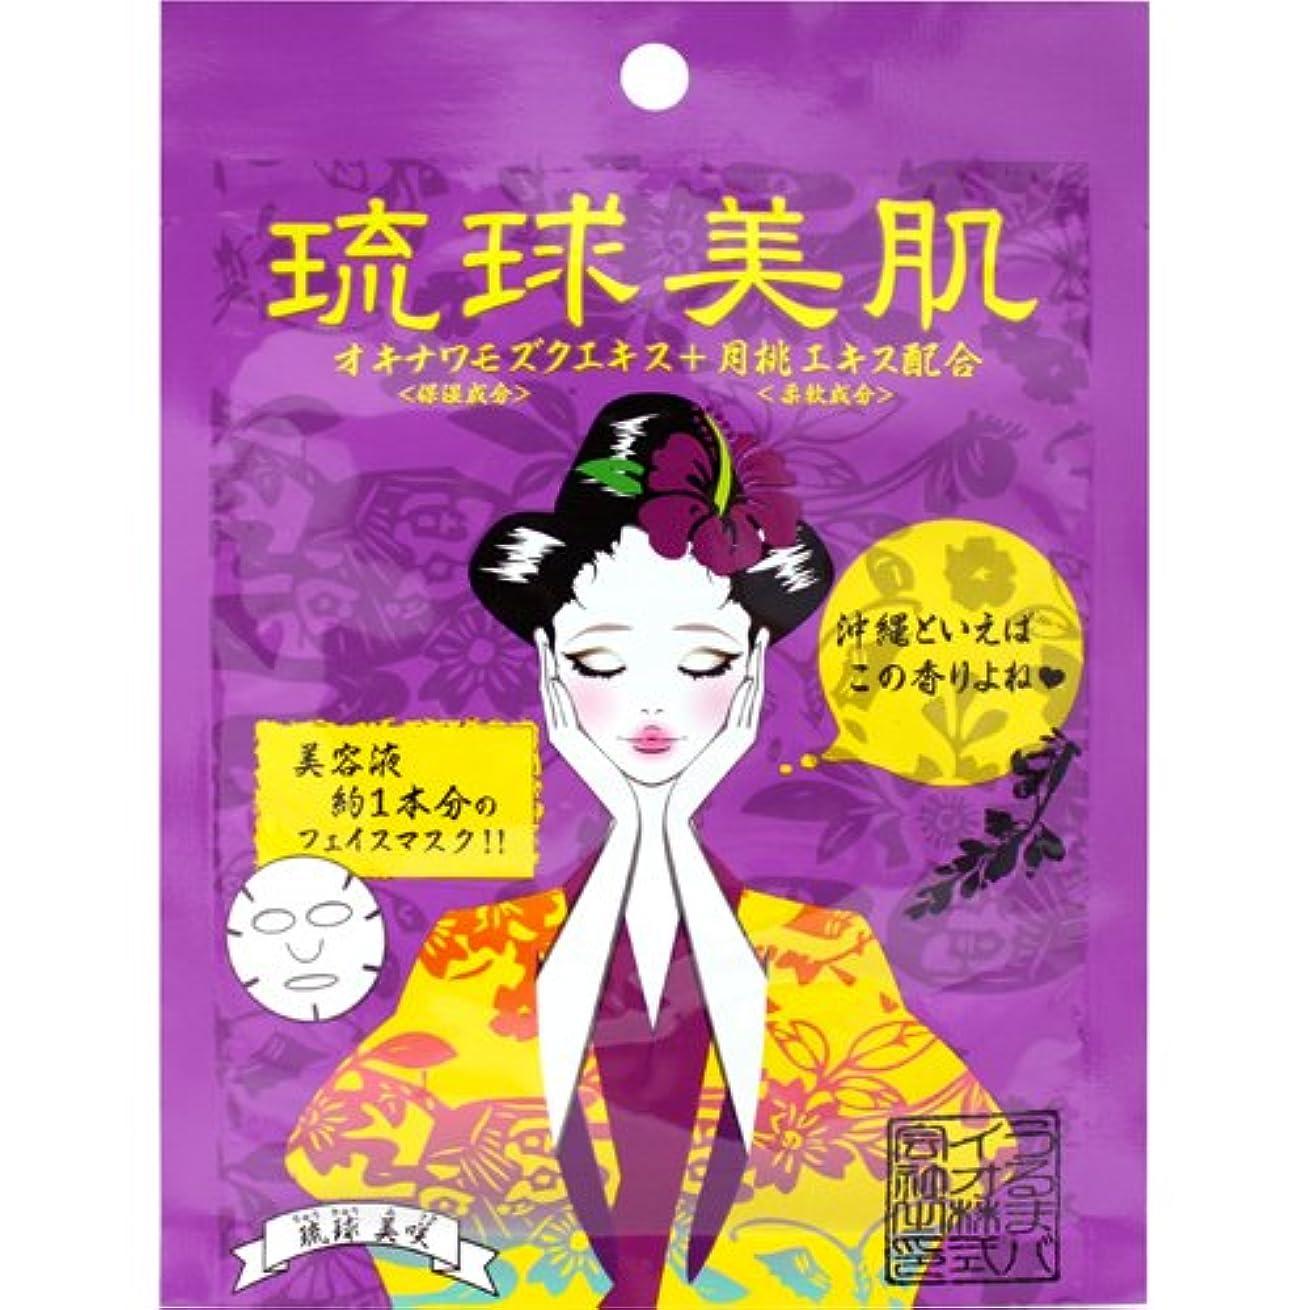 注ぎますカポック一回琉球美肌 フェイスマスクシート 月桃の香り 10枚セット